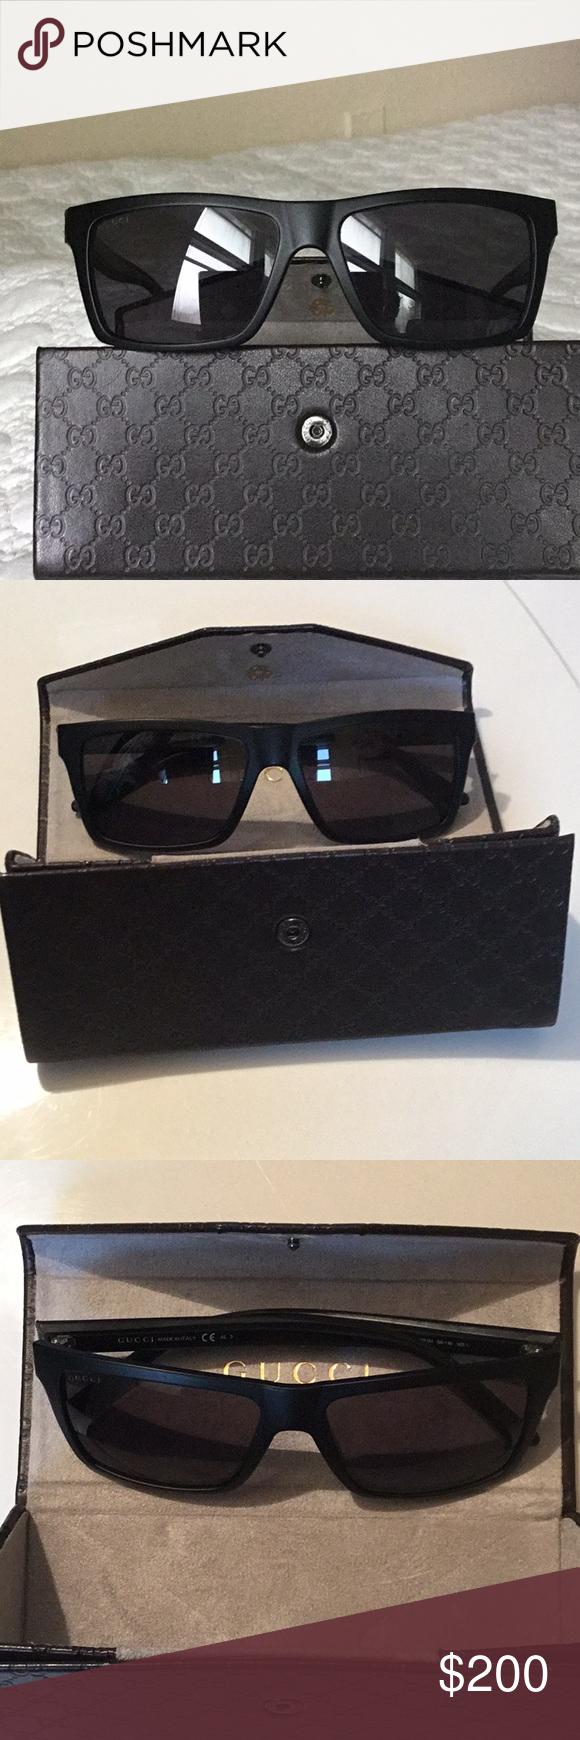 5d0139f2fd4 Gucci GG 1013 S 52R3H Sunglasses with GG Case Gucci GG 1013 S 52R3H Matte  Black Square Polarized Sunglasses with Gucci GG Leather Case Used very  gently.